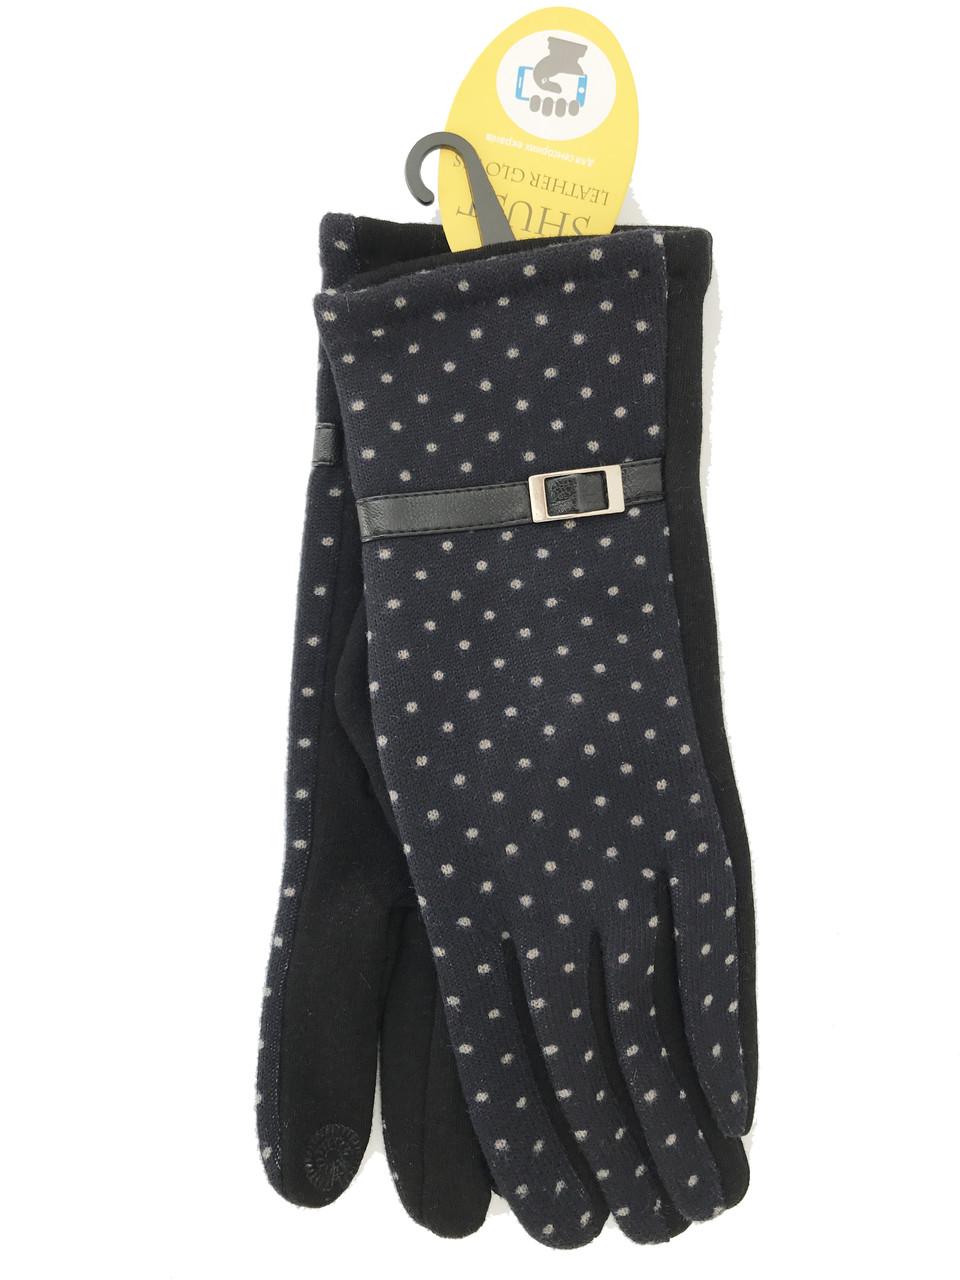 Женские стрейчевые перчатки  - СЕНСОРНЫЕ  Маленькие WAB-16203s1